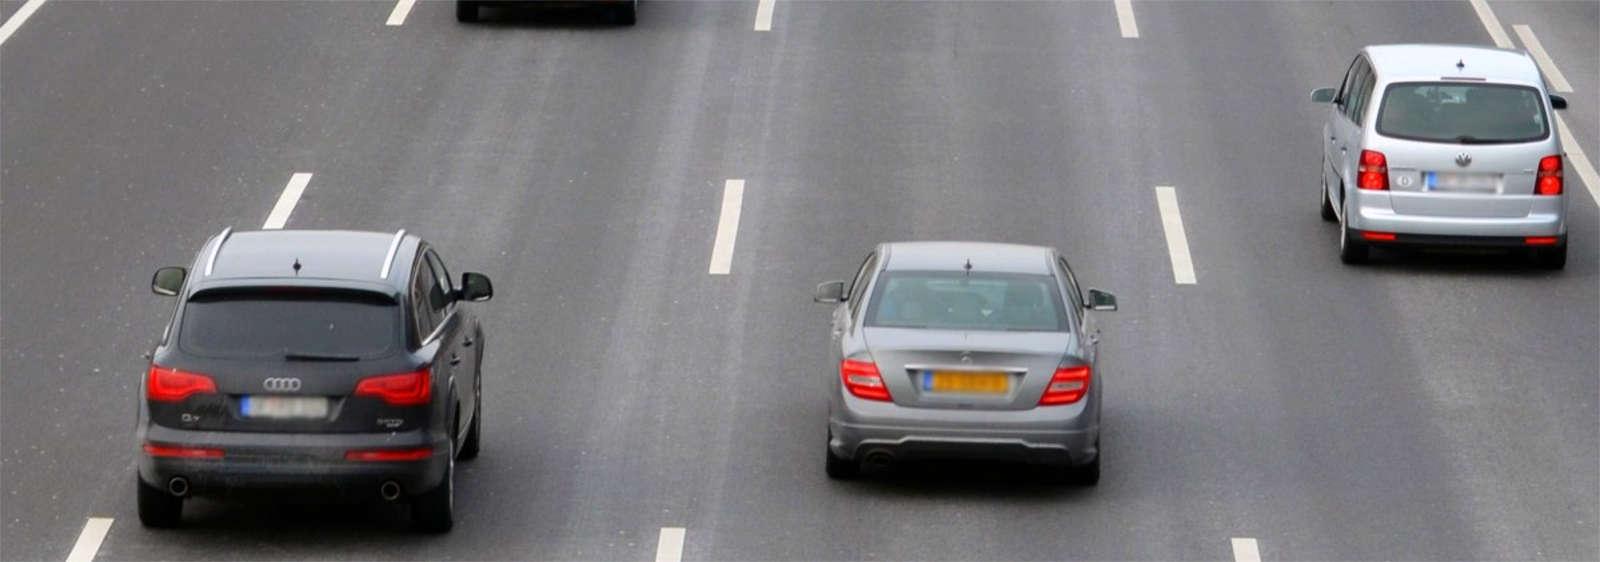 autopista con coches